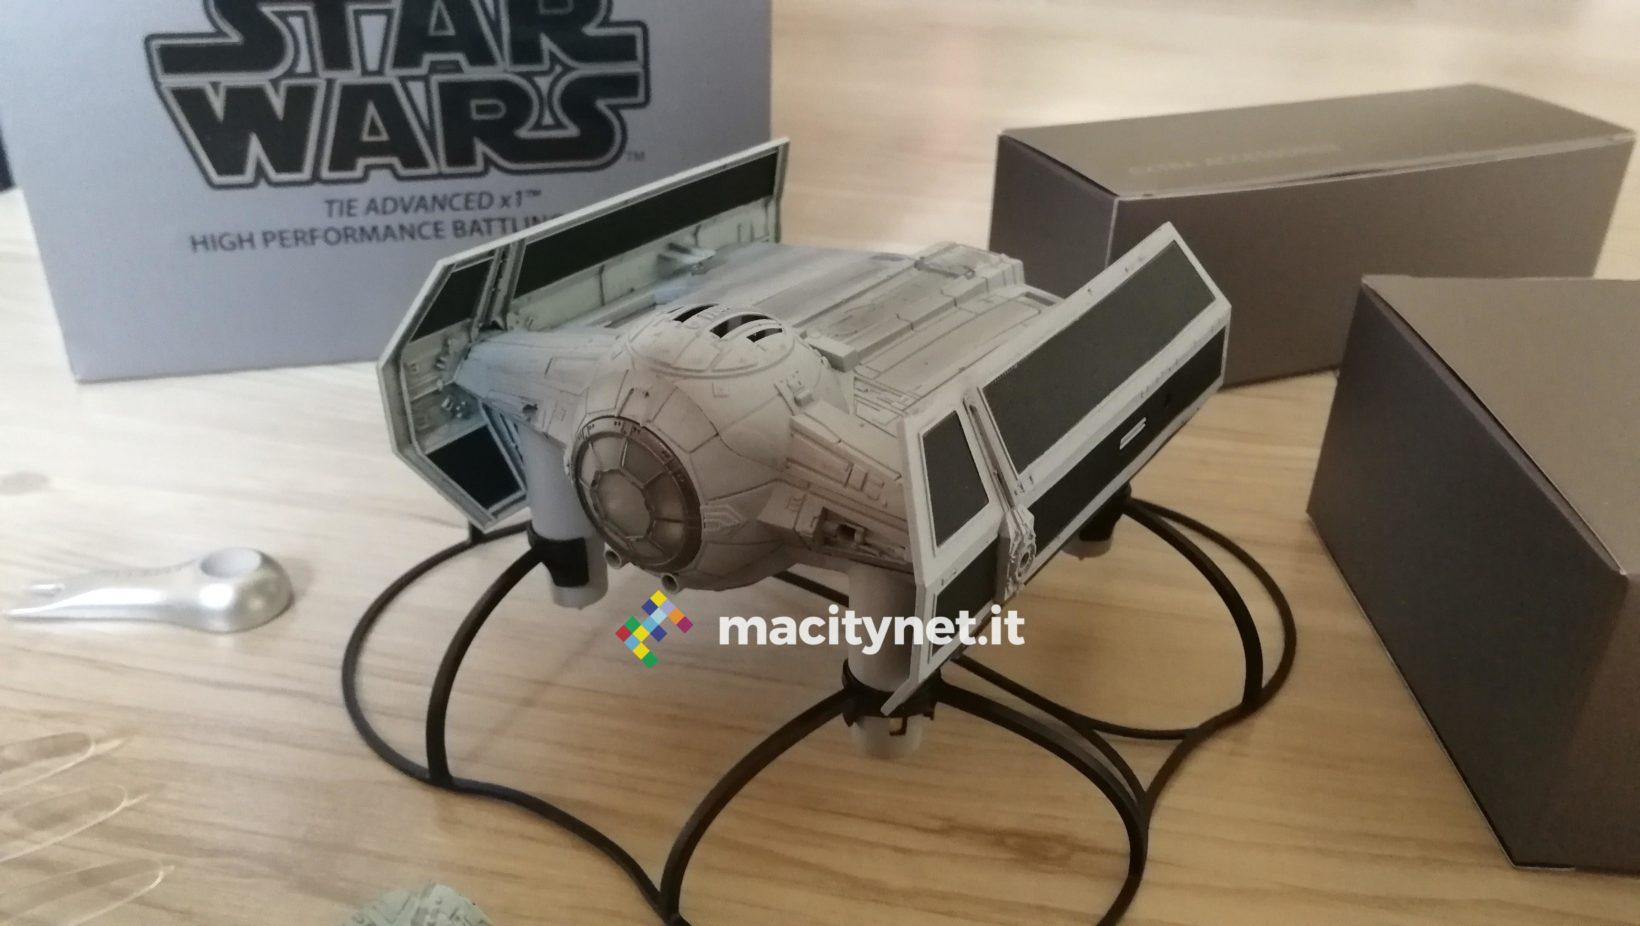 Star Wars Tie Advanced X1 visto da vicino